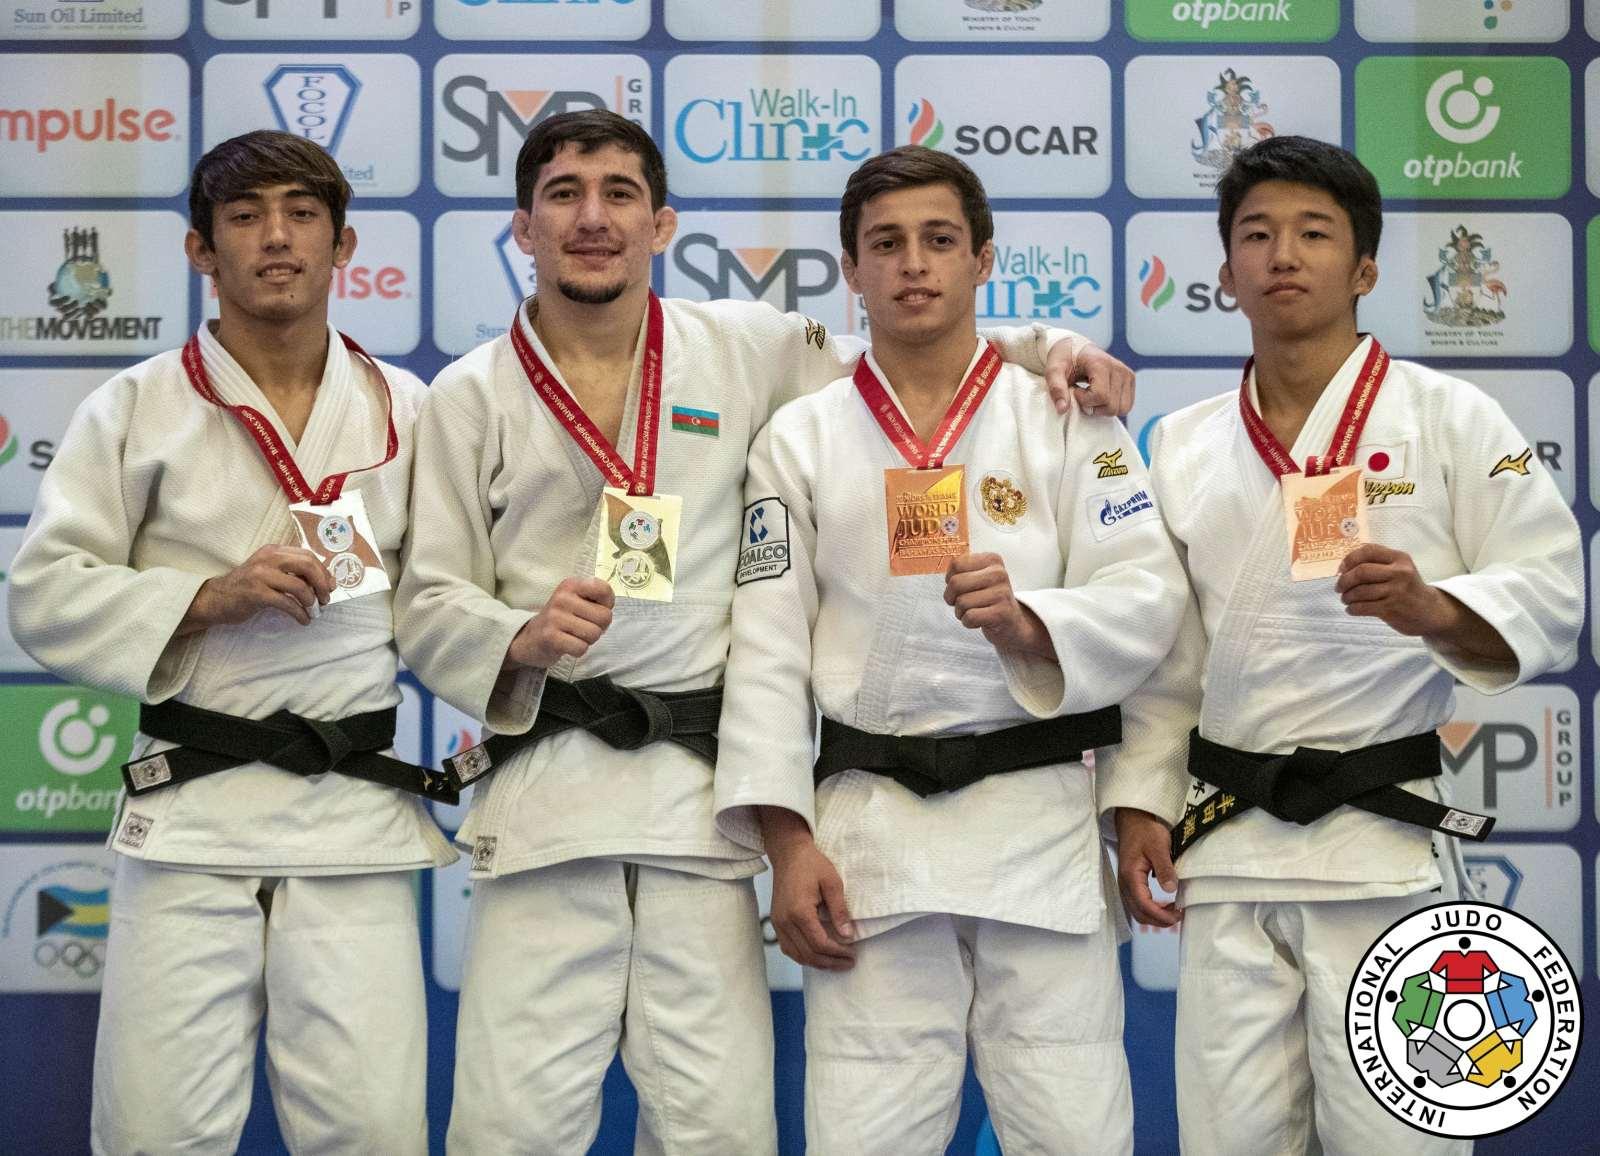 20181017_ijf_wcj_nassau_55_final_podium